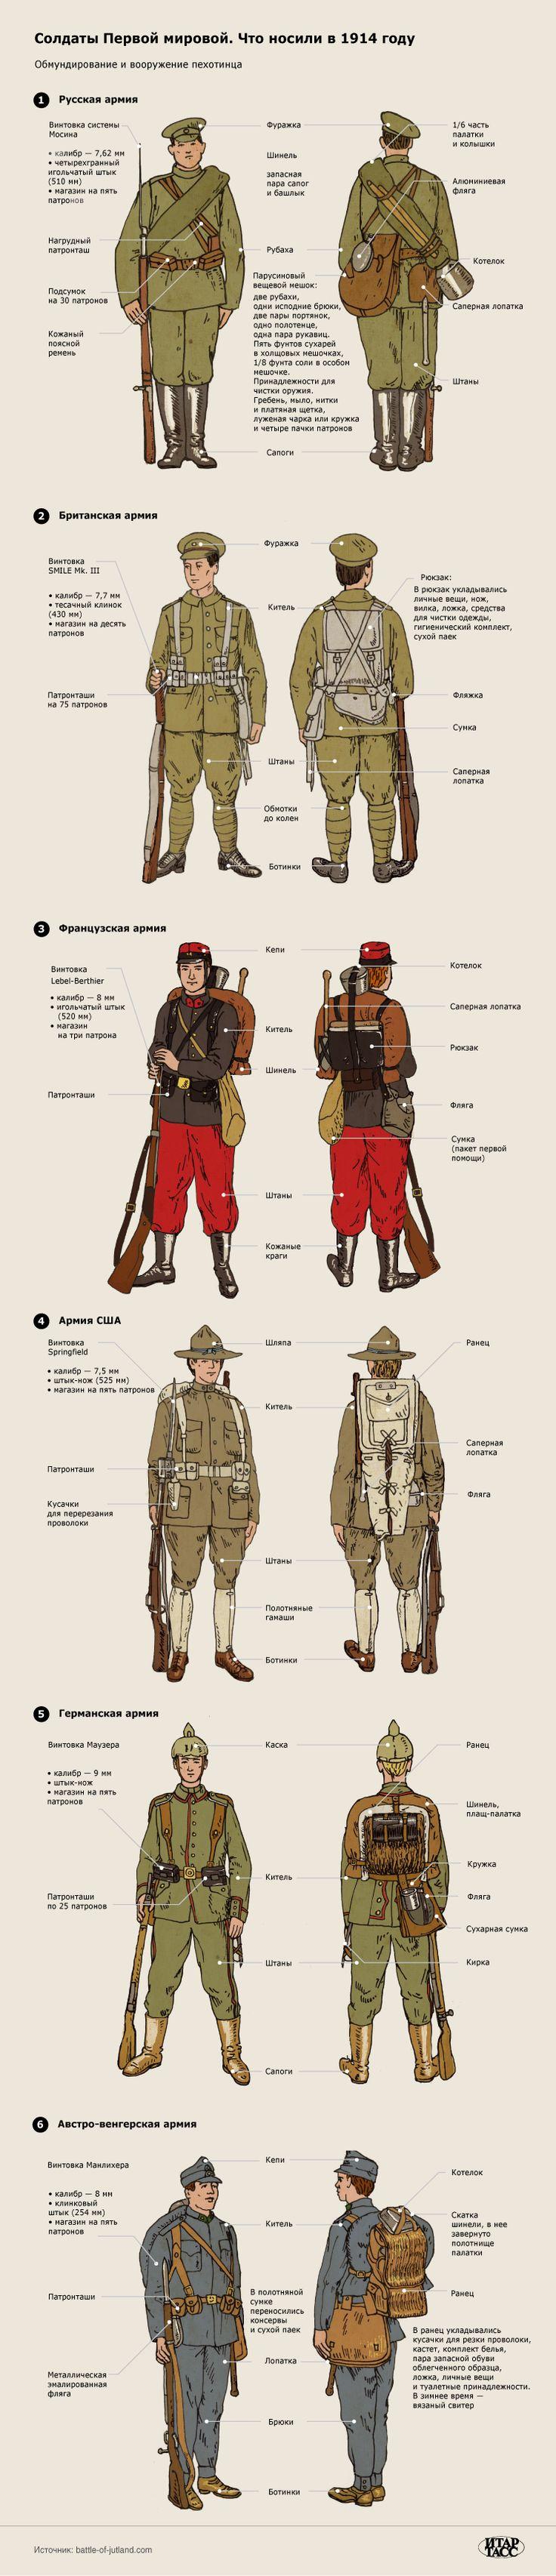 ИТАР-ТАСС Инфографика: Солдаты Первой мировой войны. Что носили в 1914 году